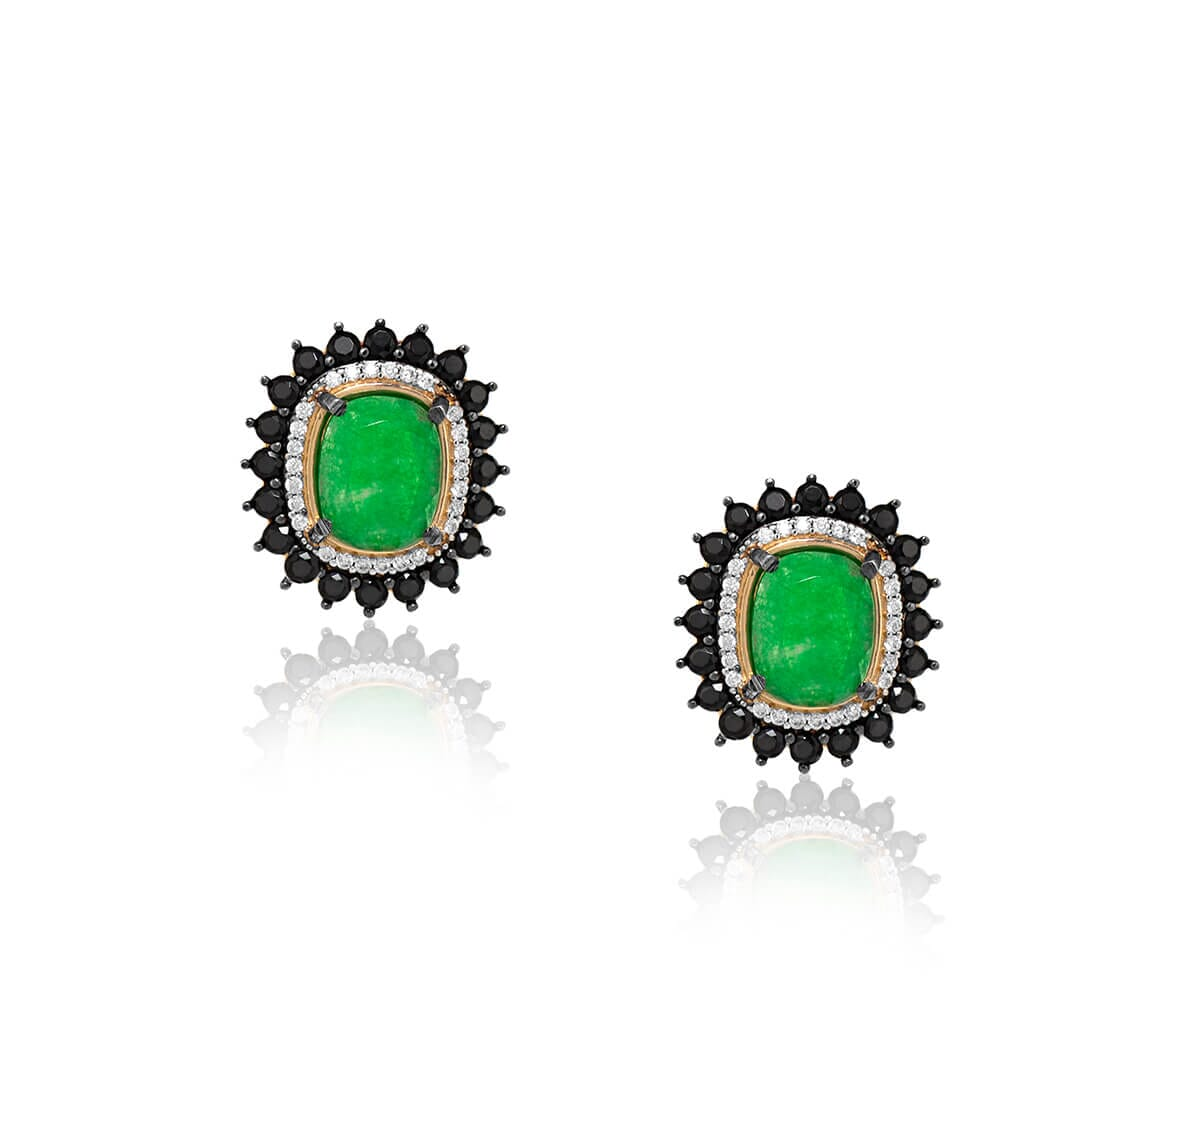 Brinco folheado a Ouro 18k com pedra verde cravejado com zircônias negras e brancas